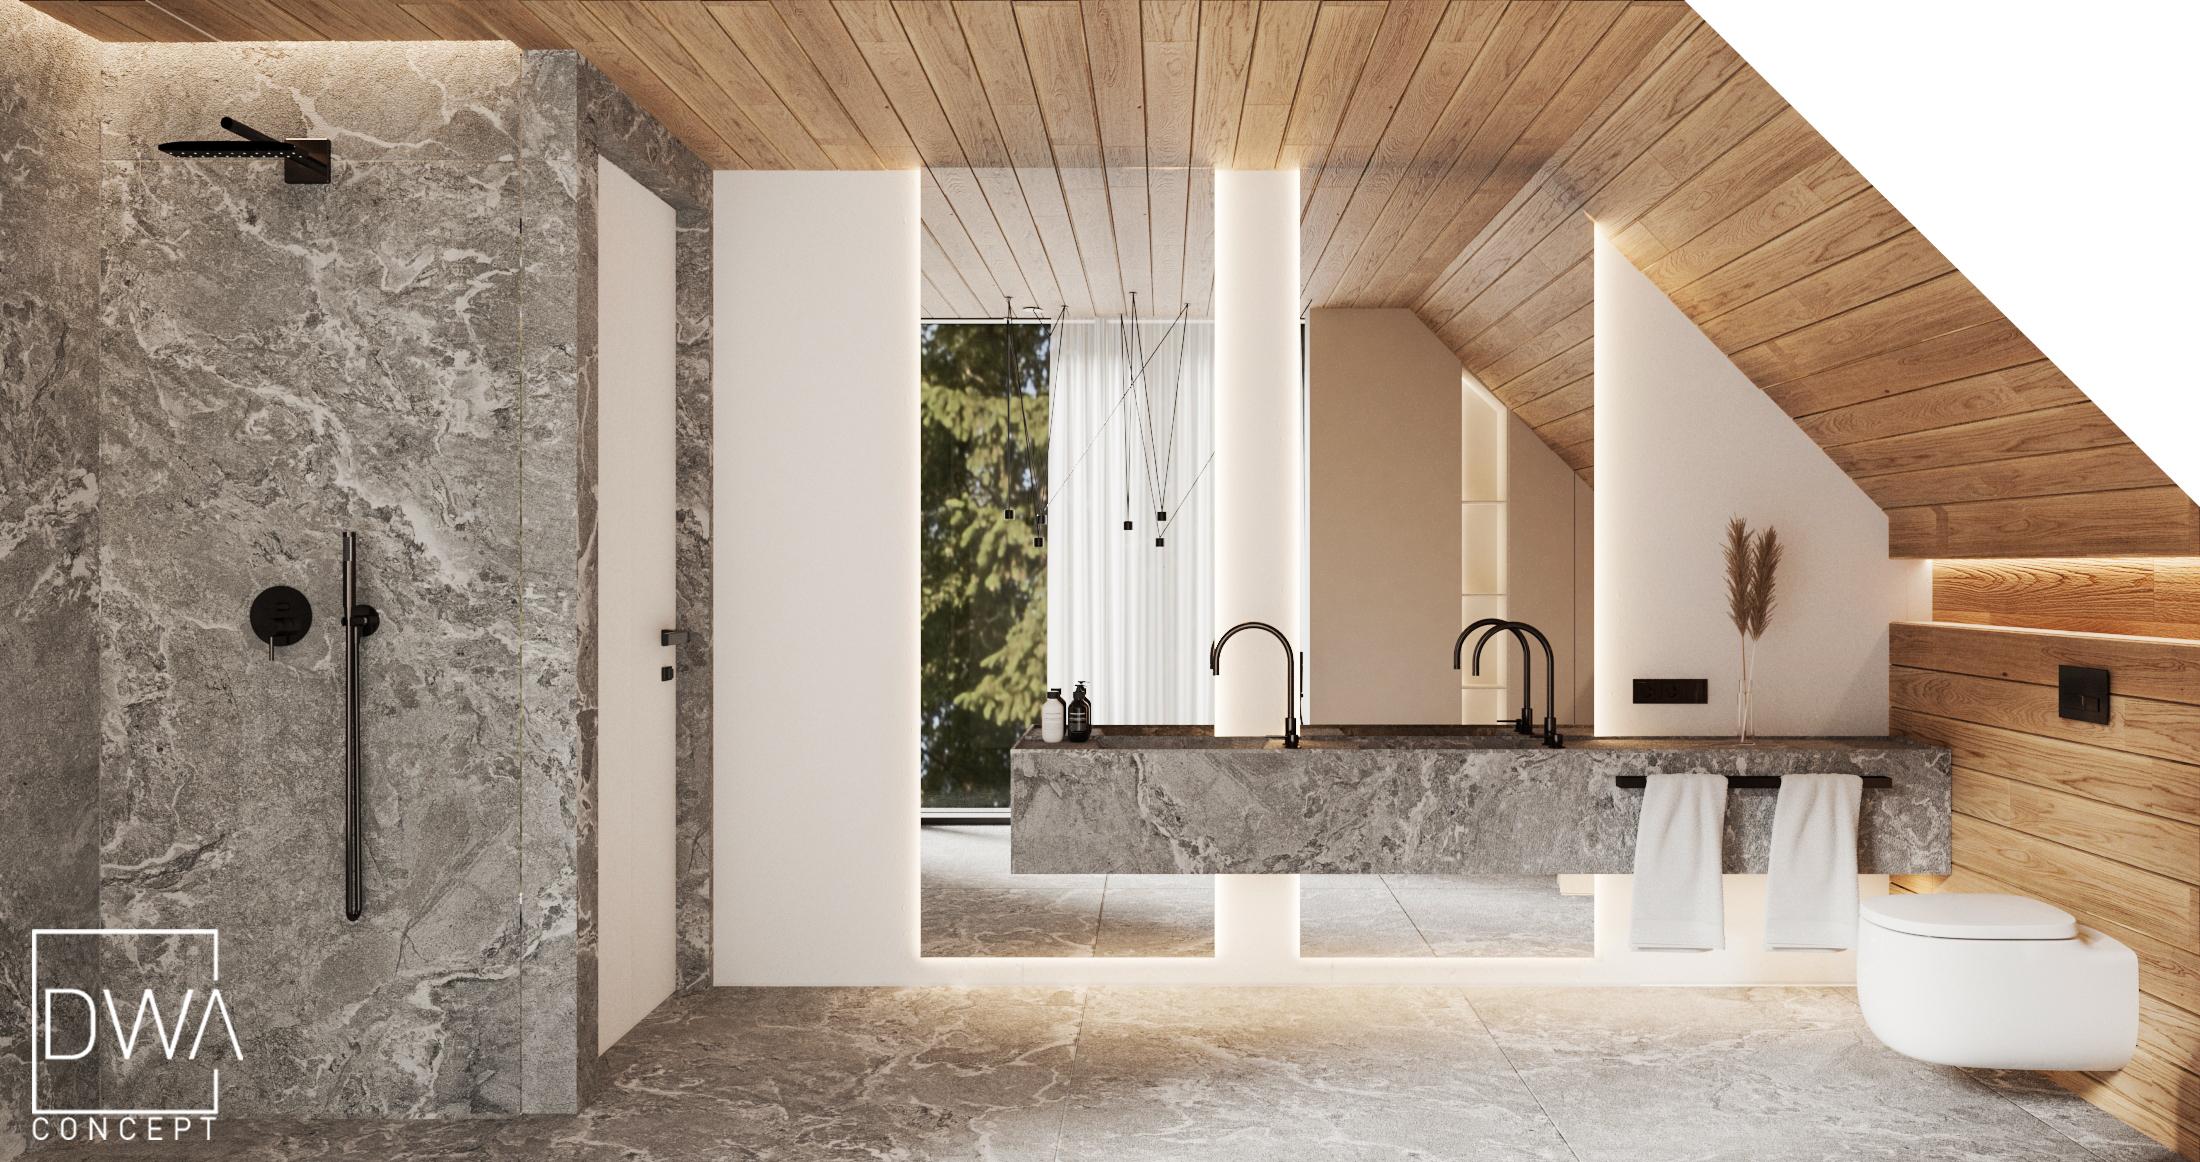 salon kąpielowy projekt willi w Zakopanem strefa nocna dwaconcept projekty wnętrz Zakopane, projekty wnętrz góralskie, wnętrz góralskie, architekt wnętrz zakopane, architekt wnętrz rabka